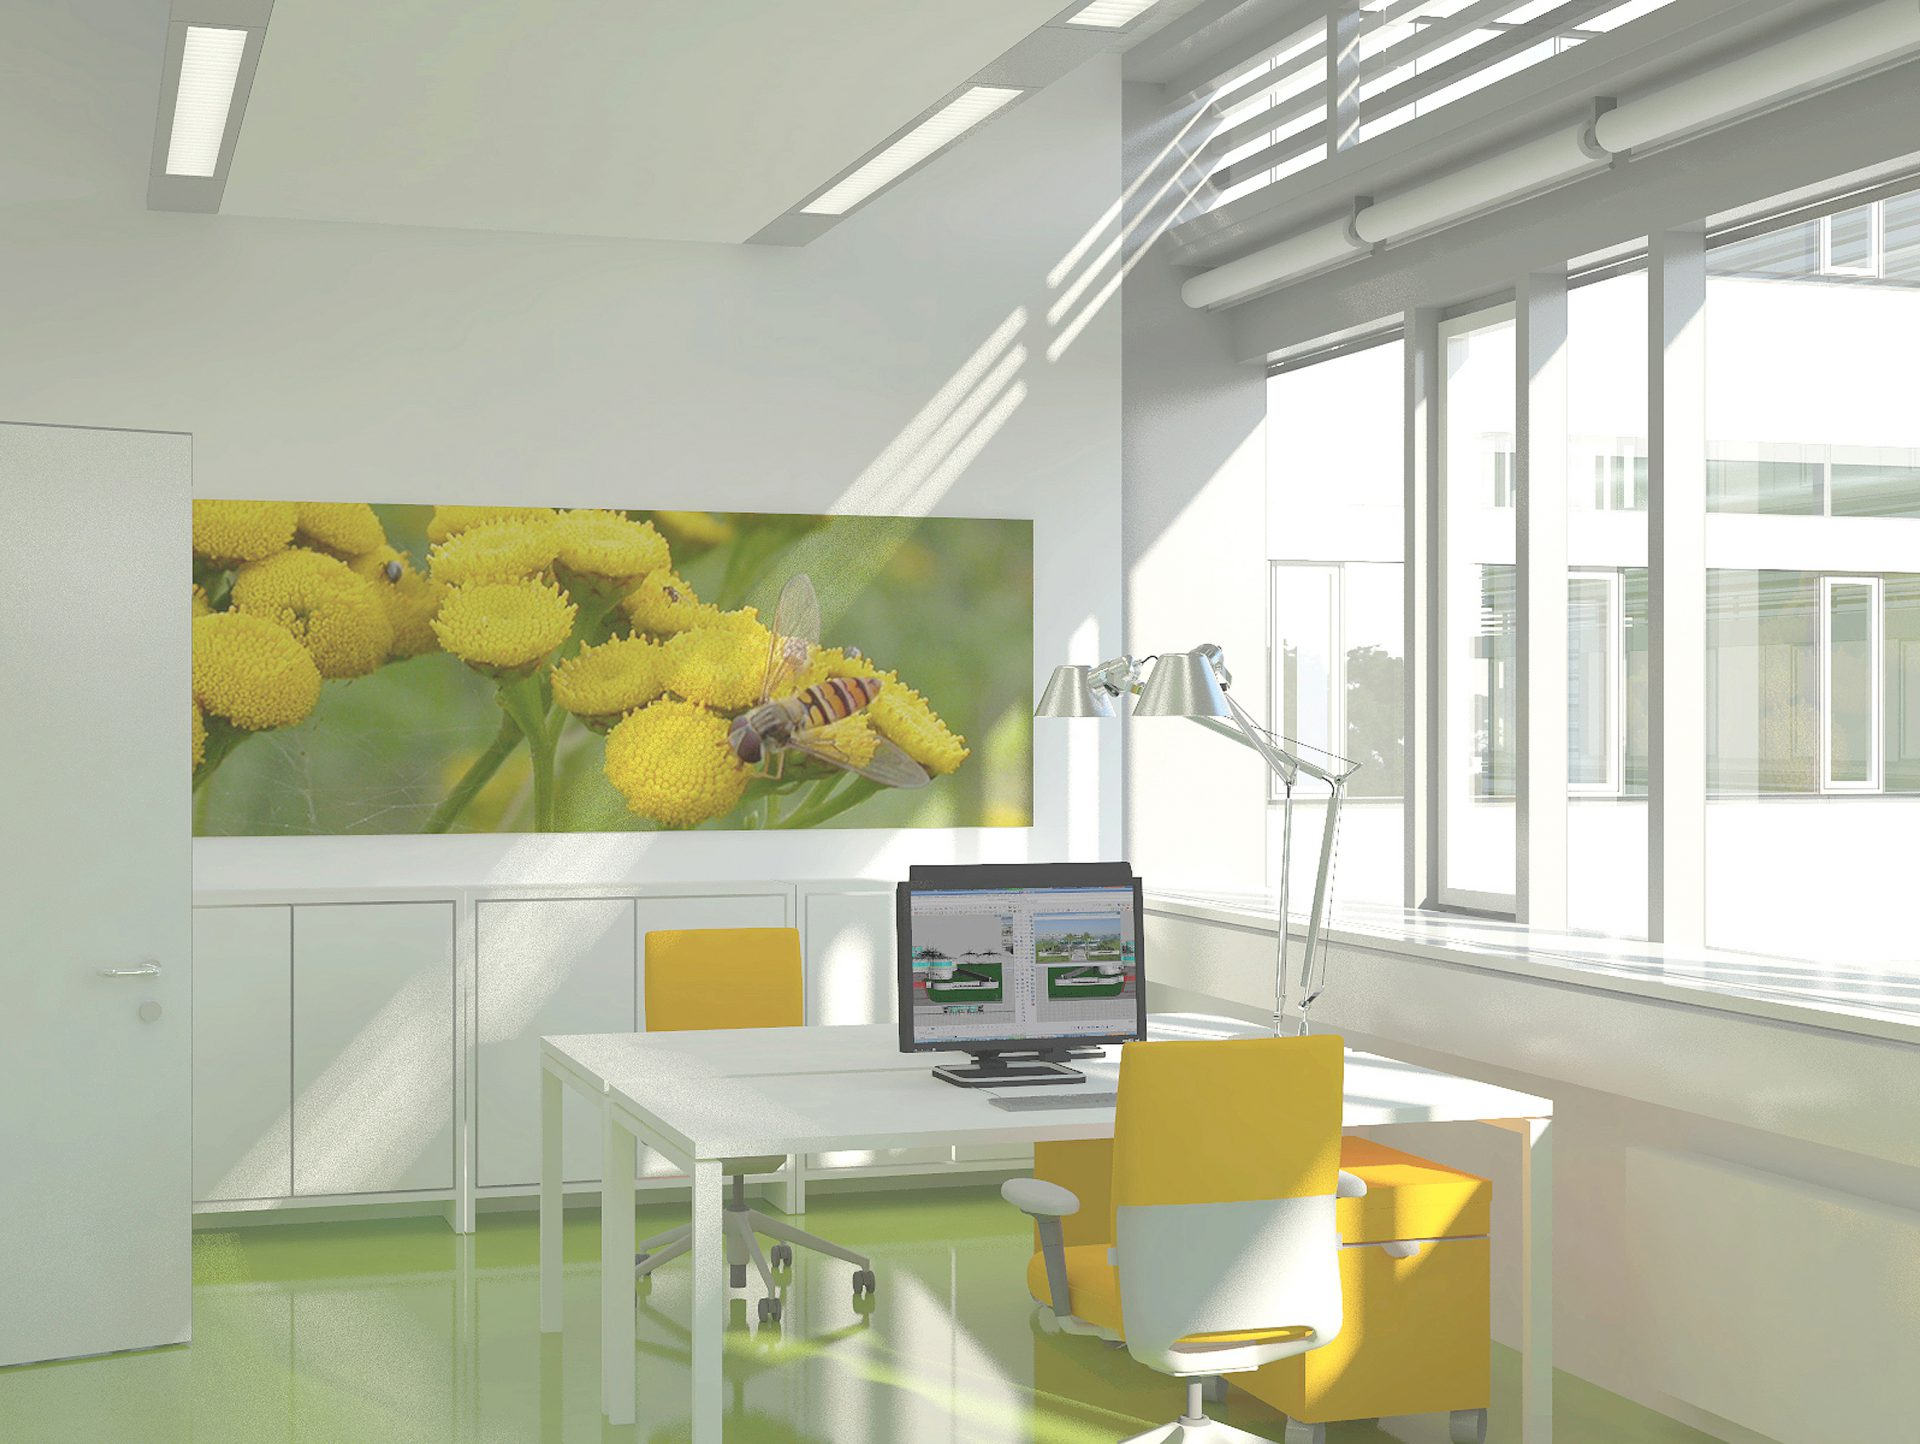 Campus Biowissenschaften HHU Düsseldorf